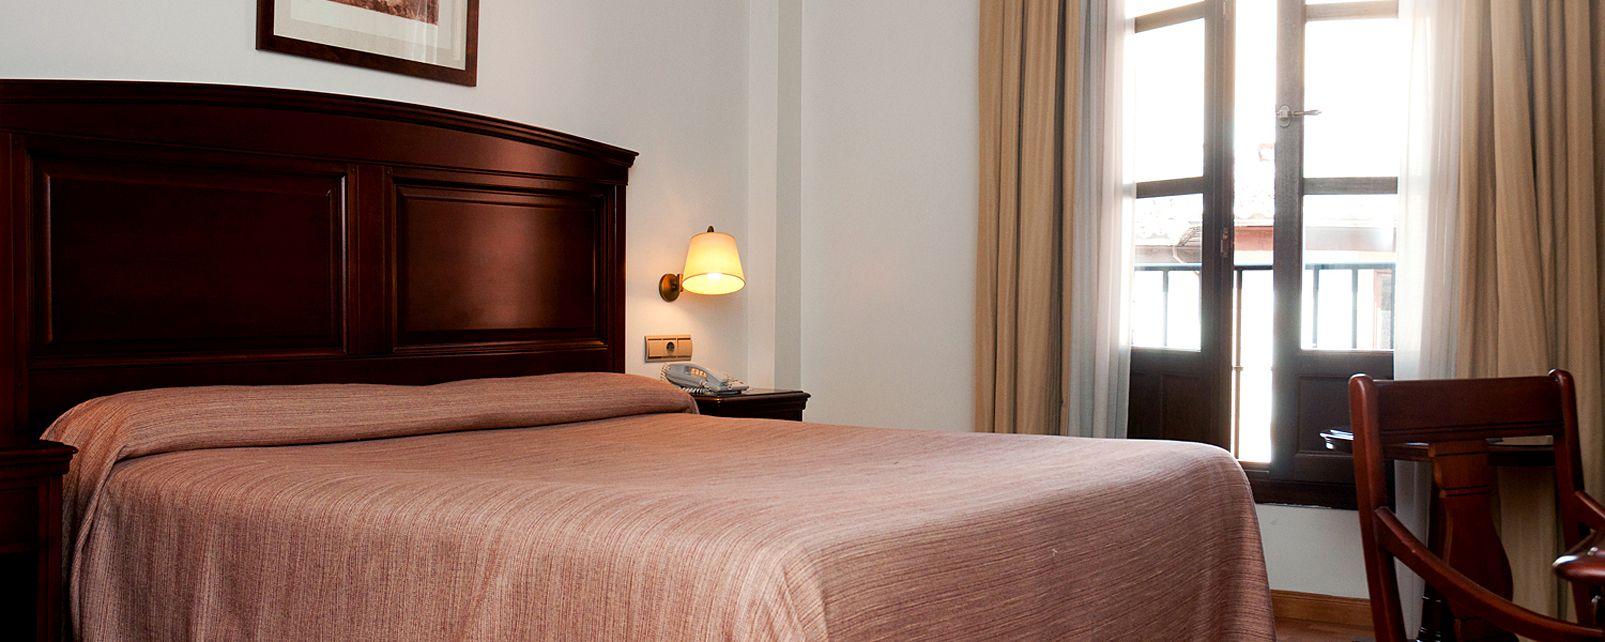 Hôtel Hesperia Granada